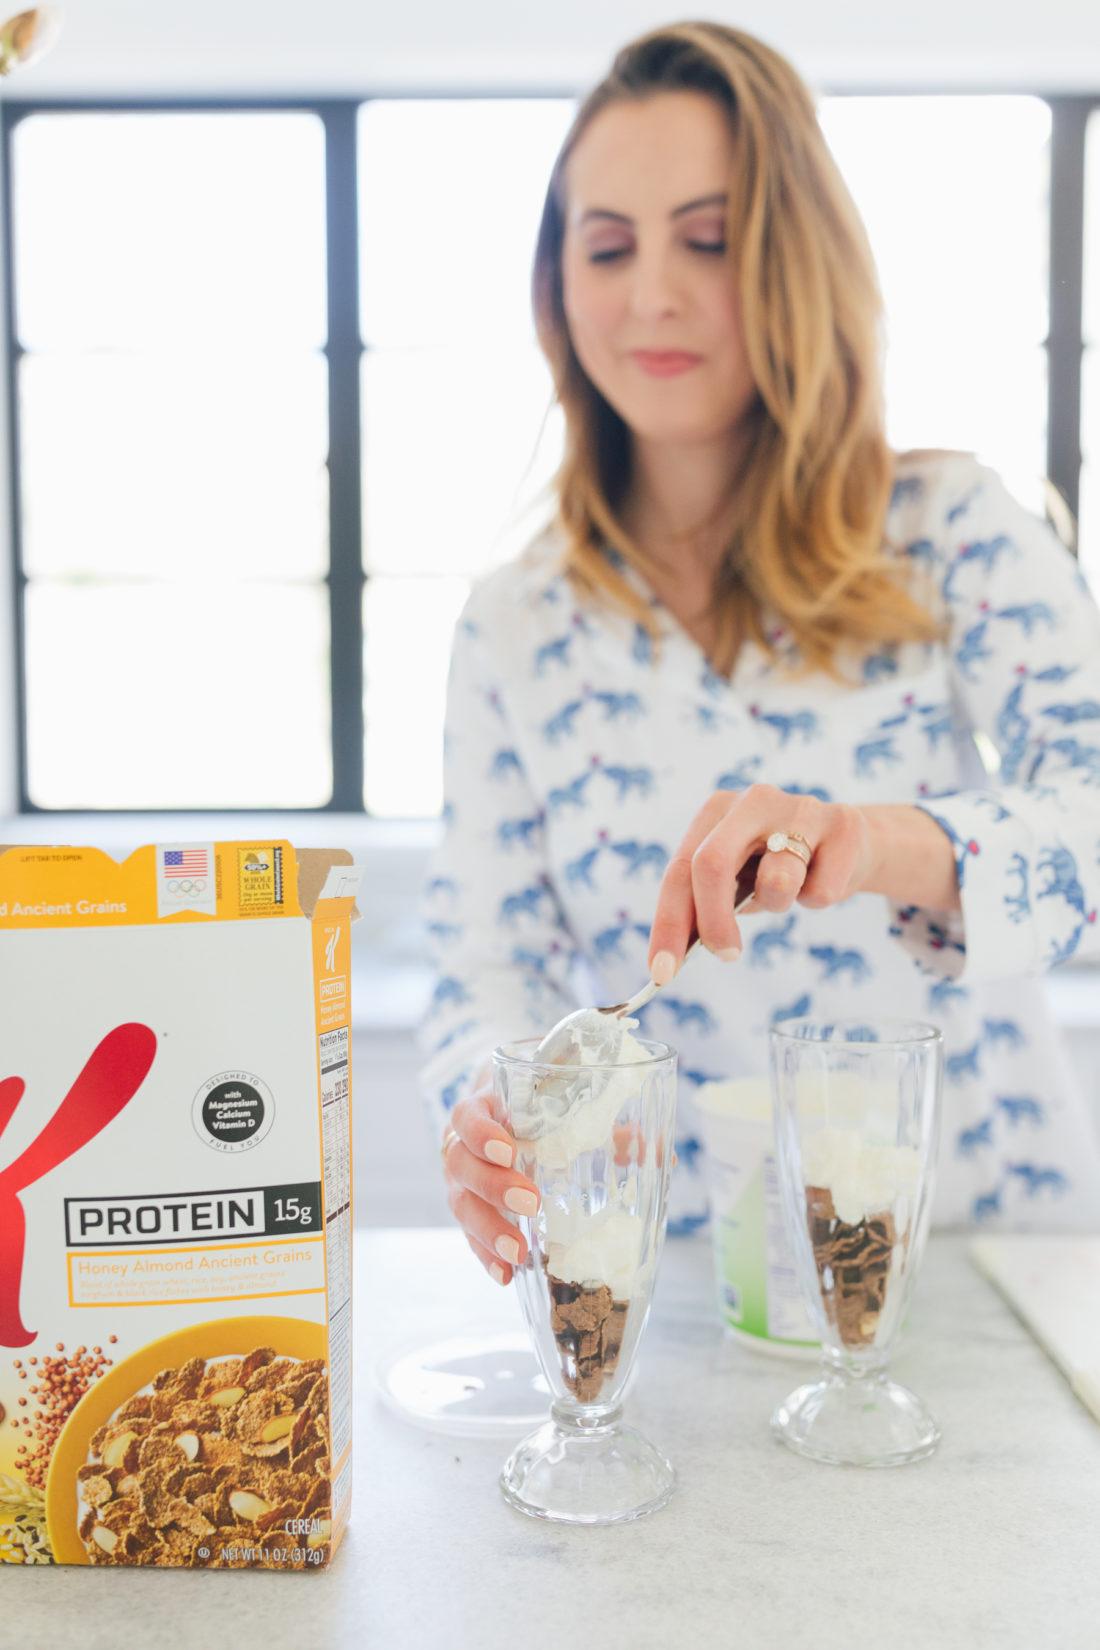 Eva Amurri Martino of Happily Eva After adds yogurt to her parfait